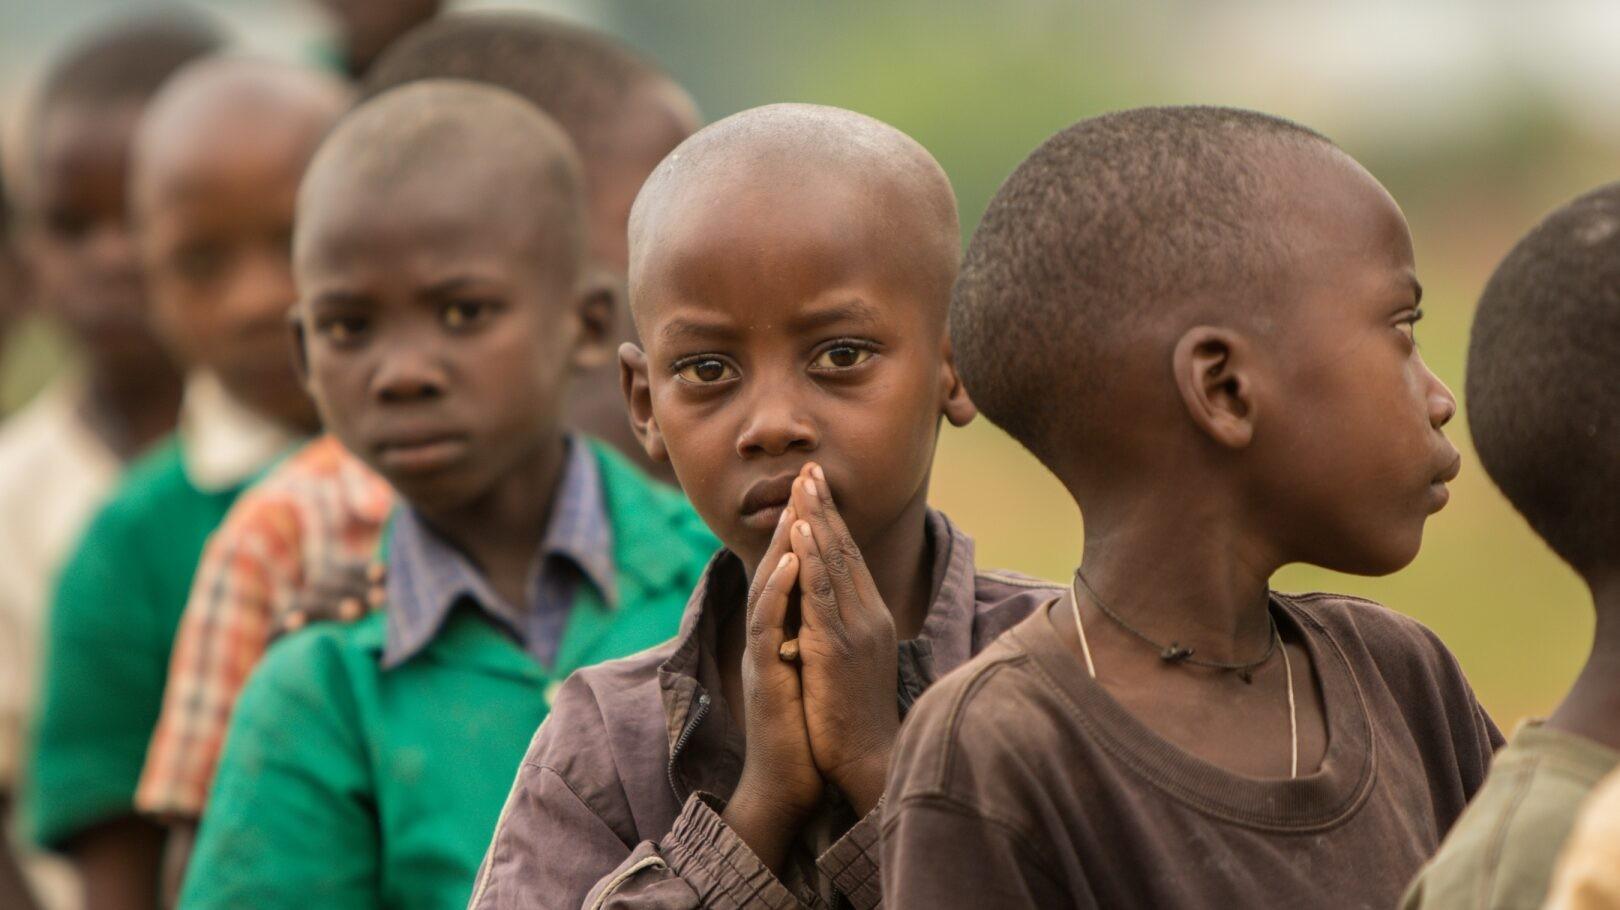 эпидемия кори в африке